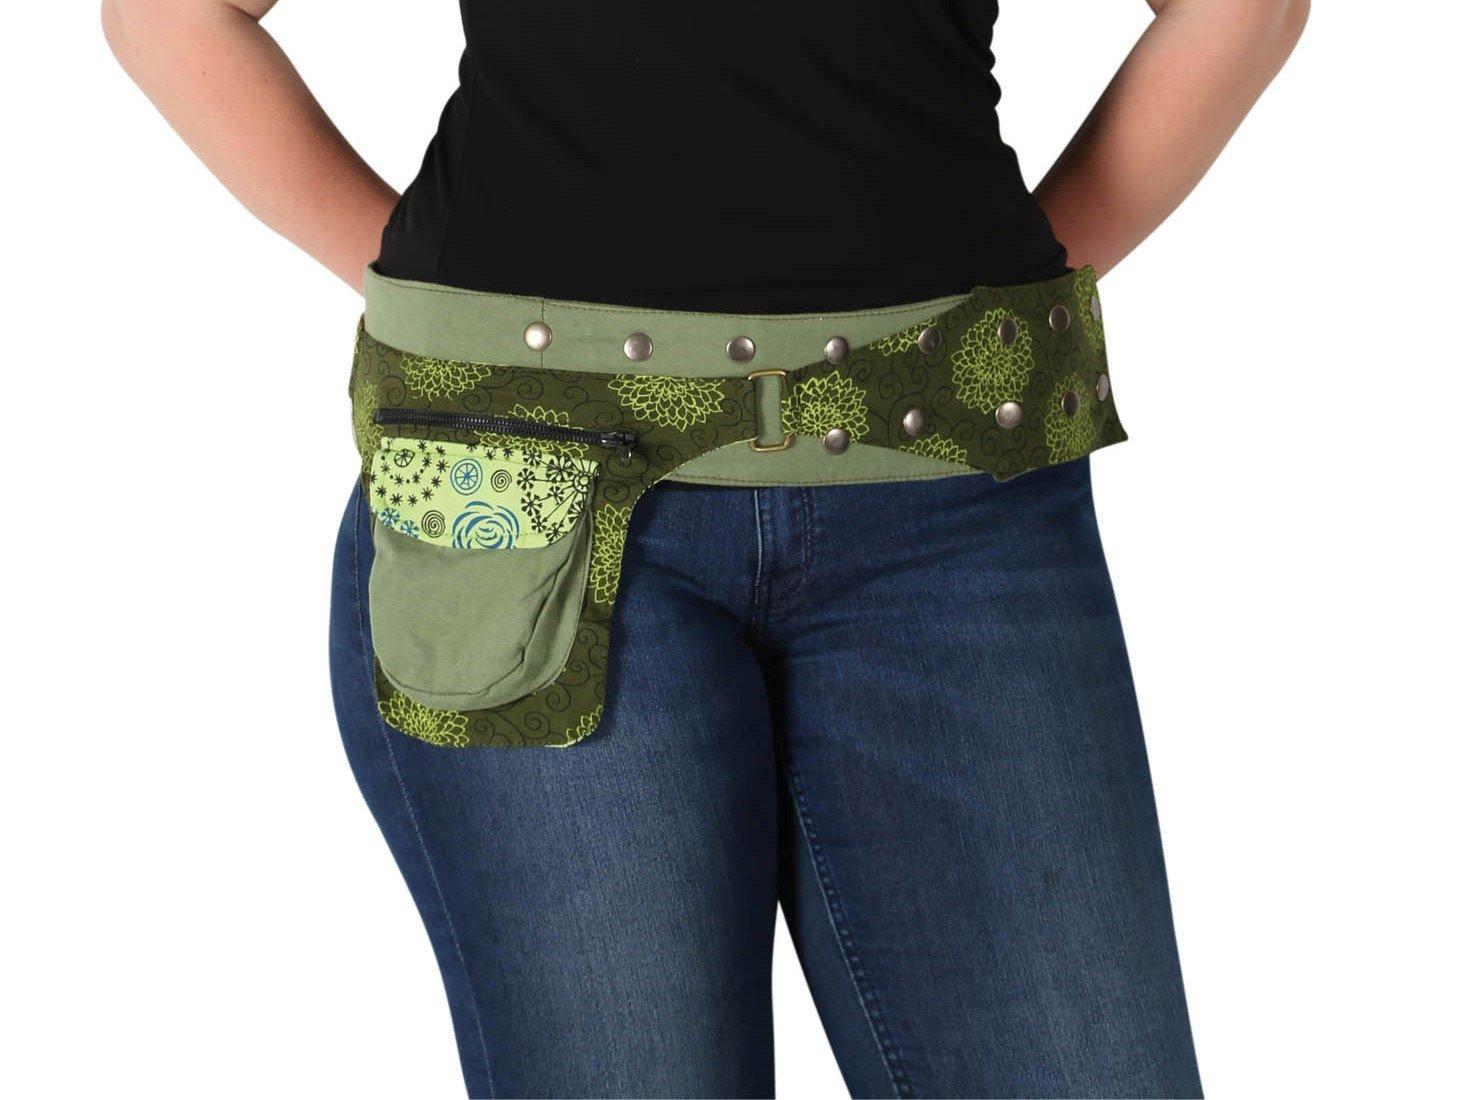 Kathmandu Imports Cotton Snap Hip Belt w/Pocket, Green